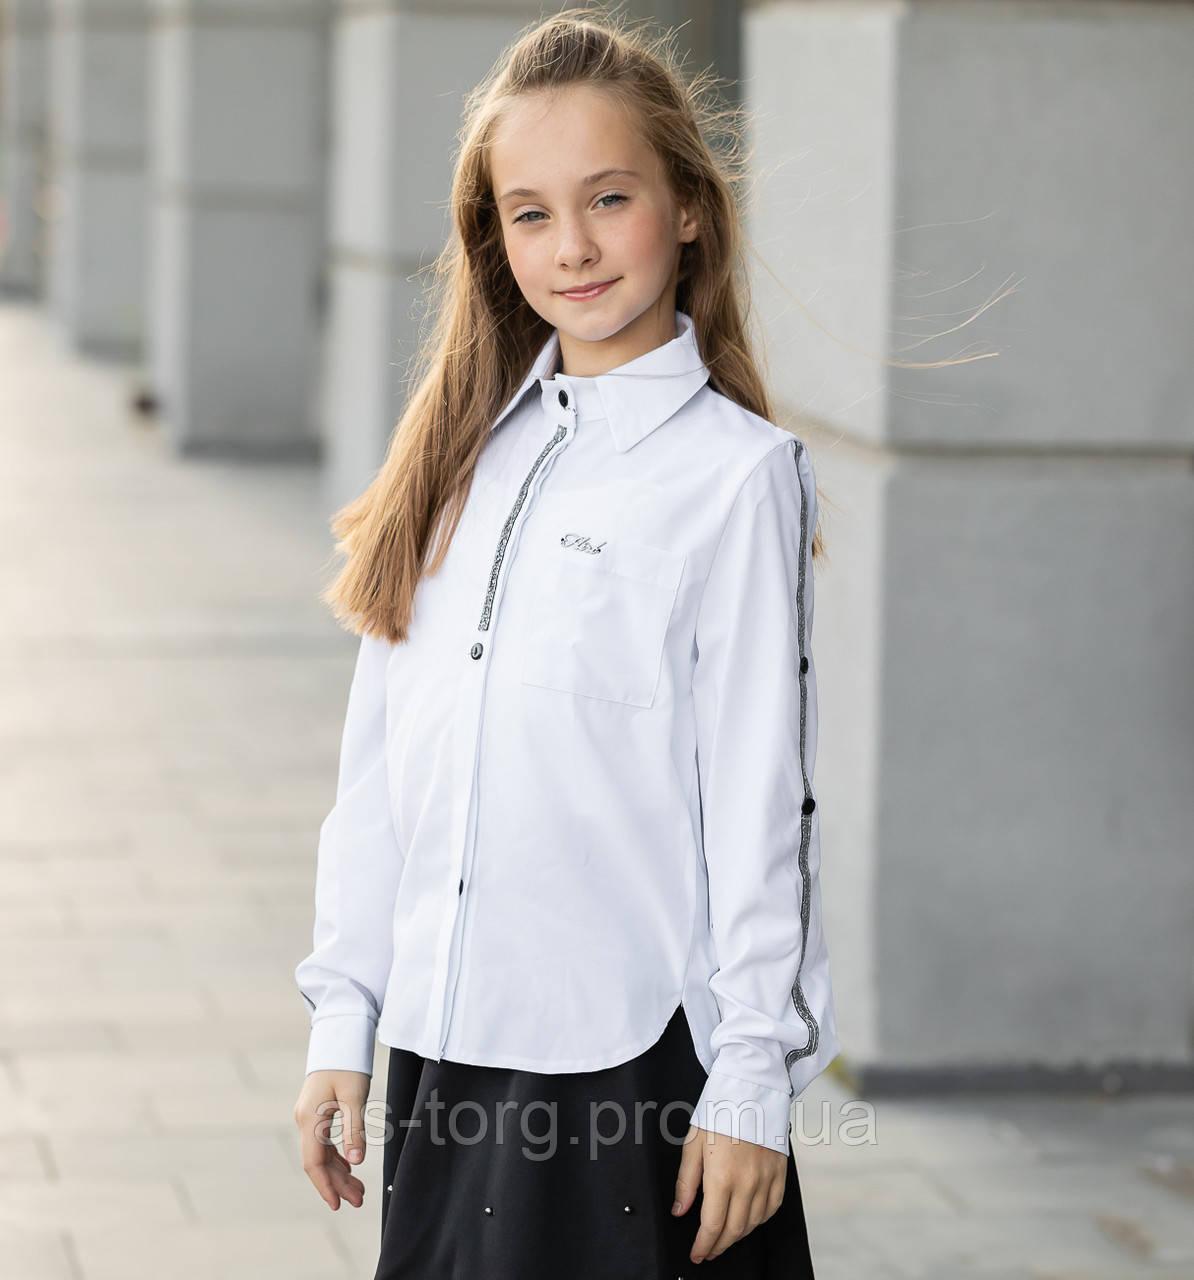 """Блузка школьная для девочки длинный рукав, нарядная """"Мили"""""""